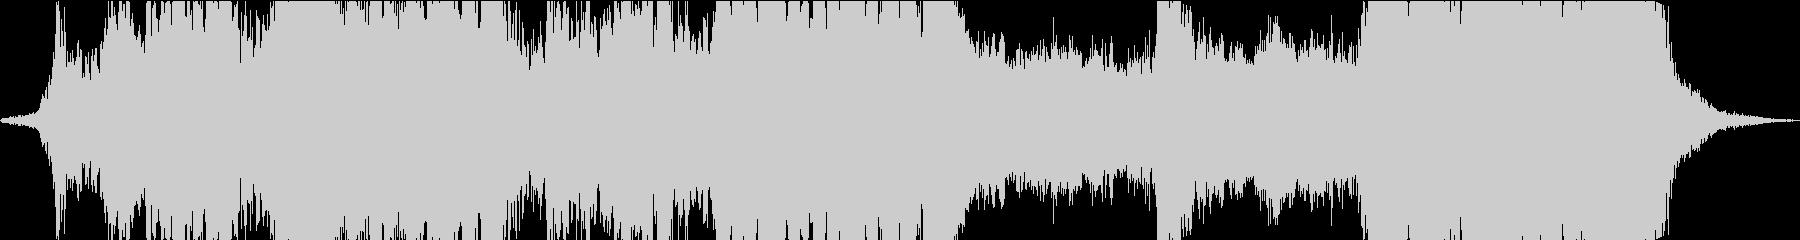 現代的 交響曲 エレクトロ バトル...の未再生の波形